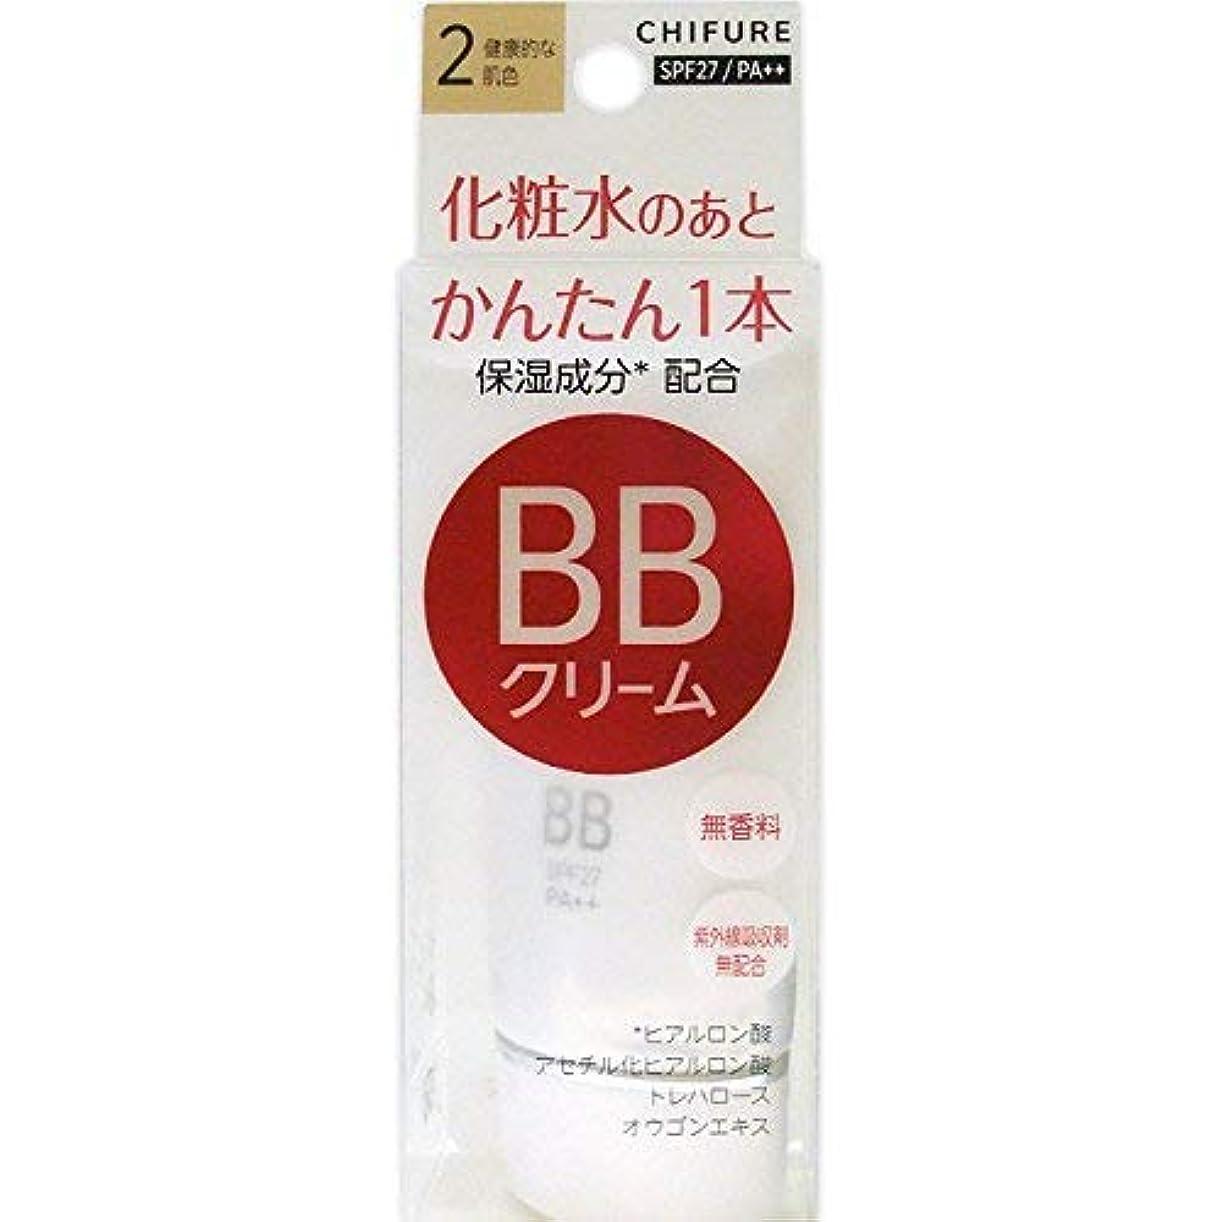 ポーズ学者くつろぐちふれ化粧品 BB クリーム 2 健康的な肌色 BBクリーム 2